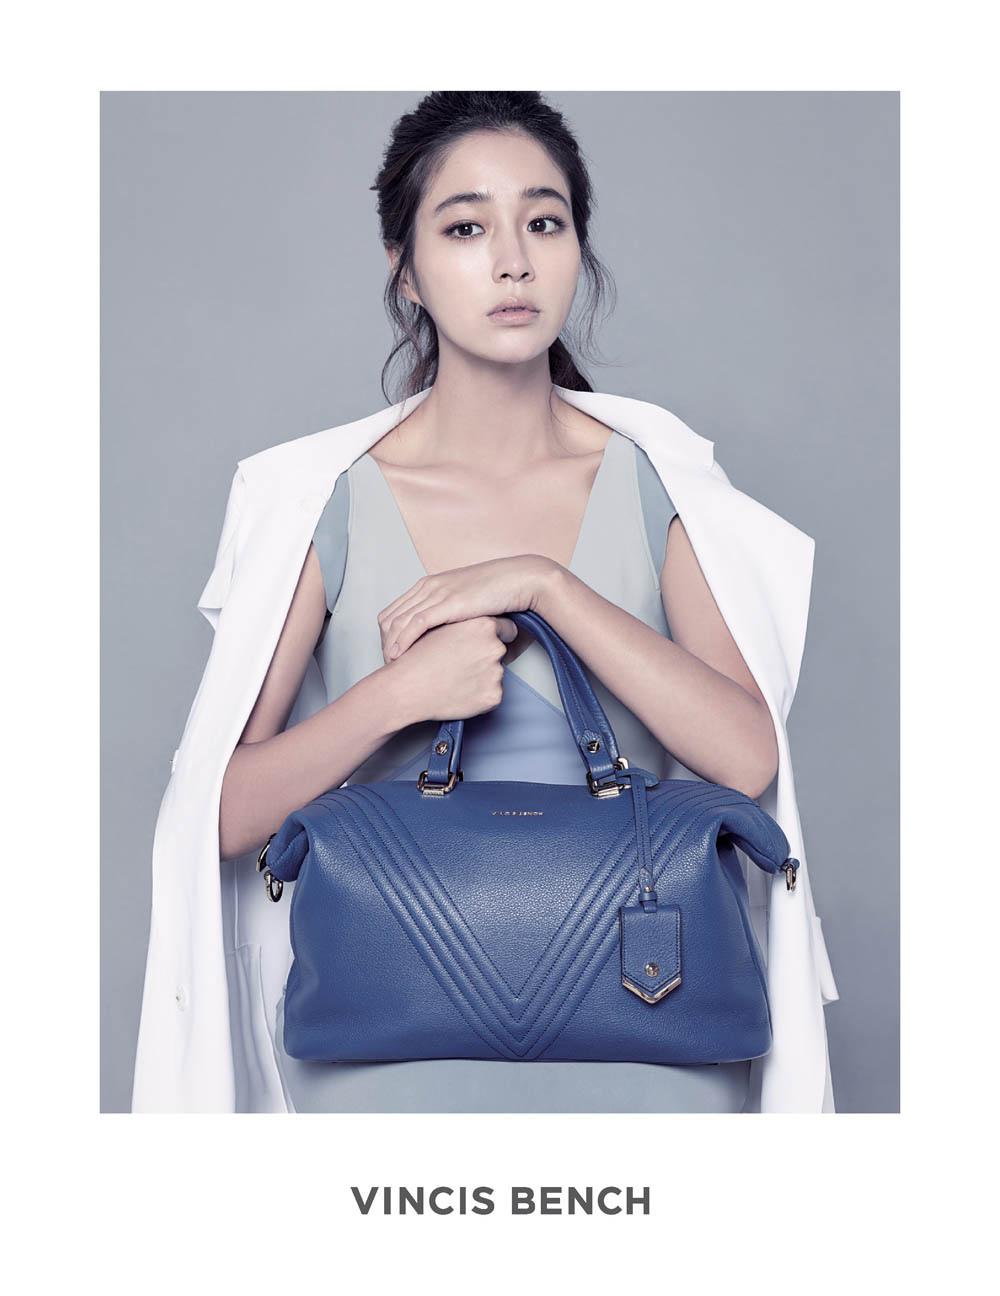 李敏貞攜親自設計的皮包出鏡_VINCIS BENCH_2014_2